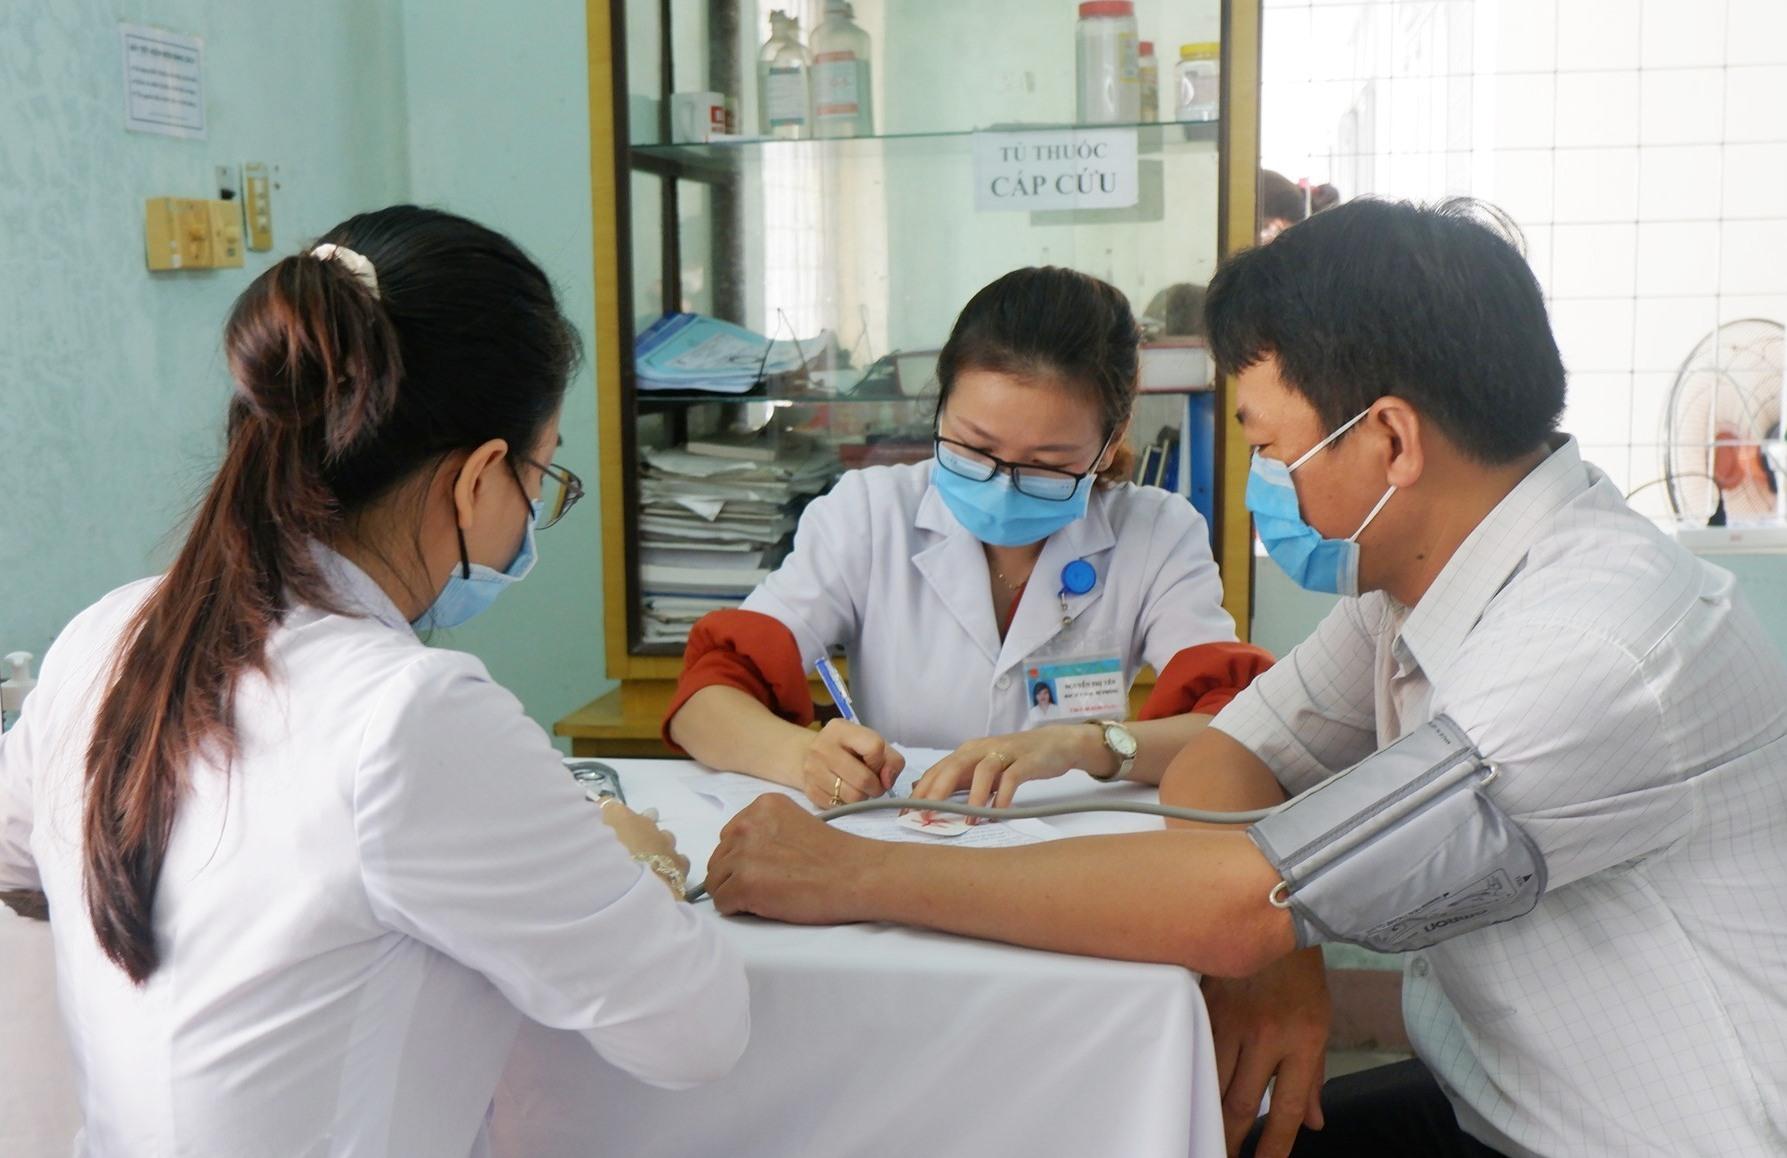 Quảng Nam đã tổ chức tiêm chủng vắc xin ngừa Covid-19 cho lực lượng tuyến đầu chống dịch với 11.520 người. Ảnh: X.H